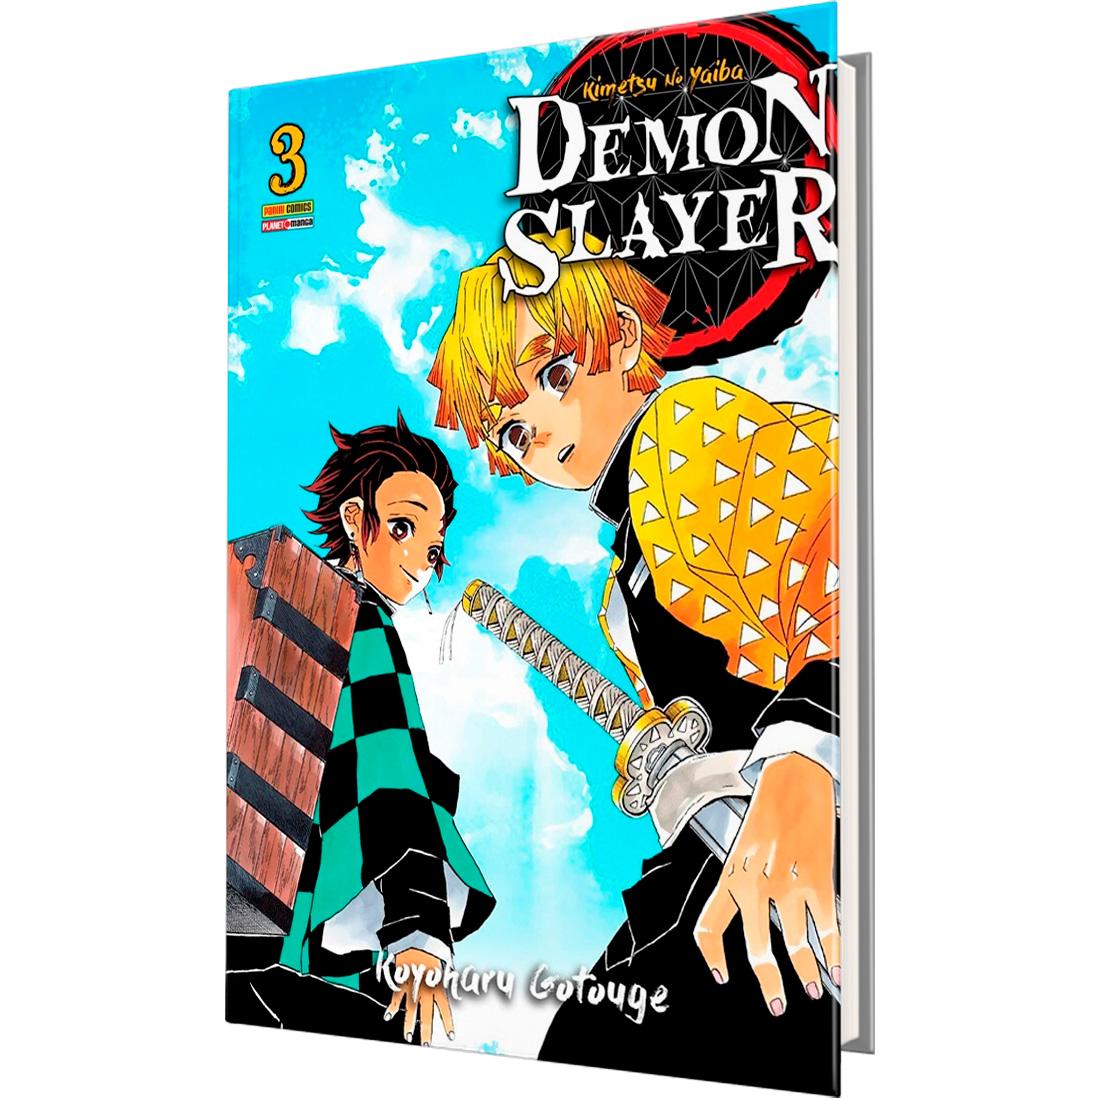 Demon Slayer - Kimetsu no Yaiba Vol. 3